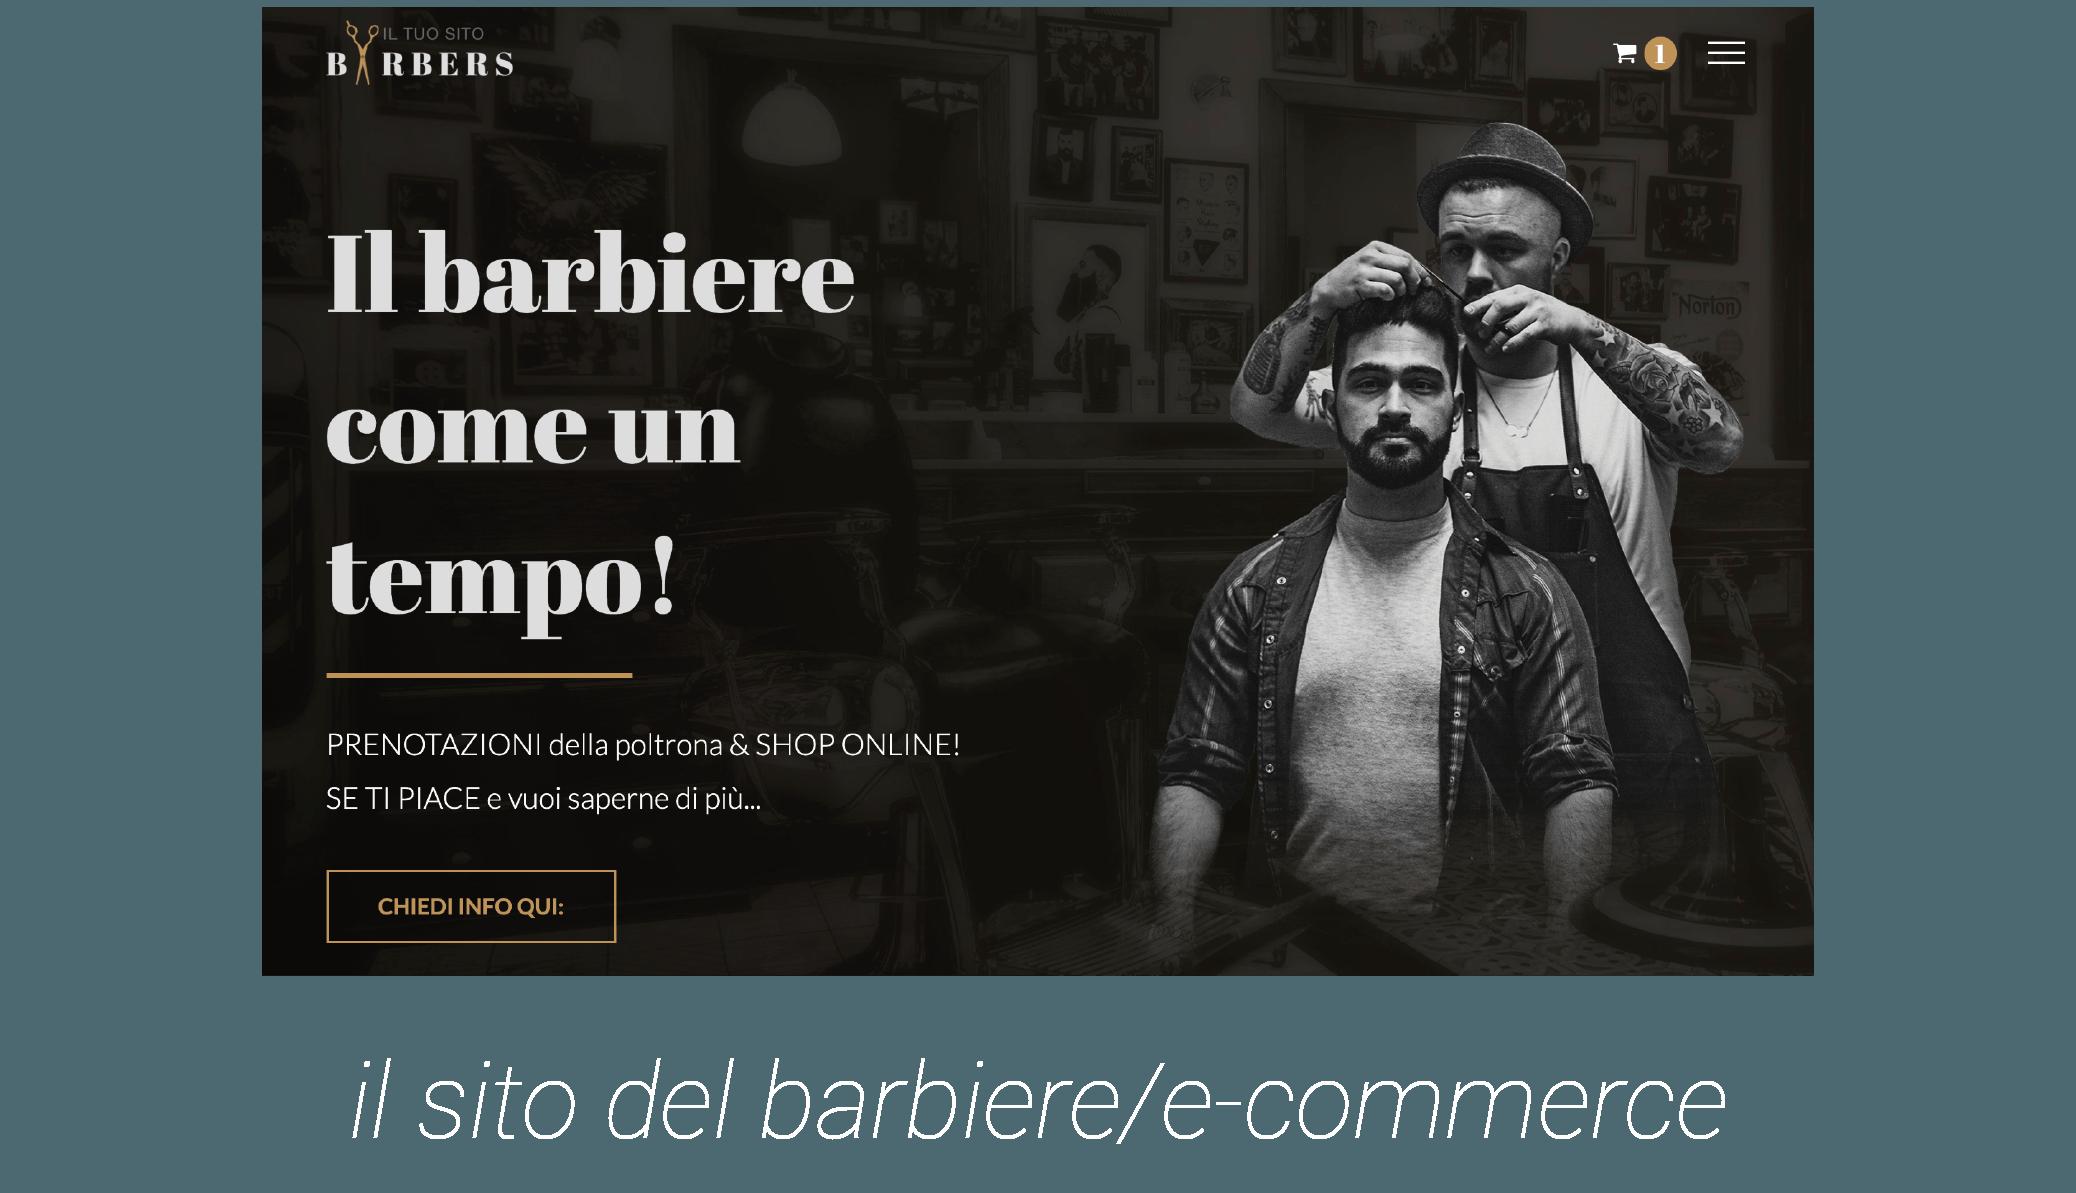 Il sito del barbiere